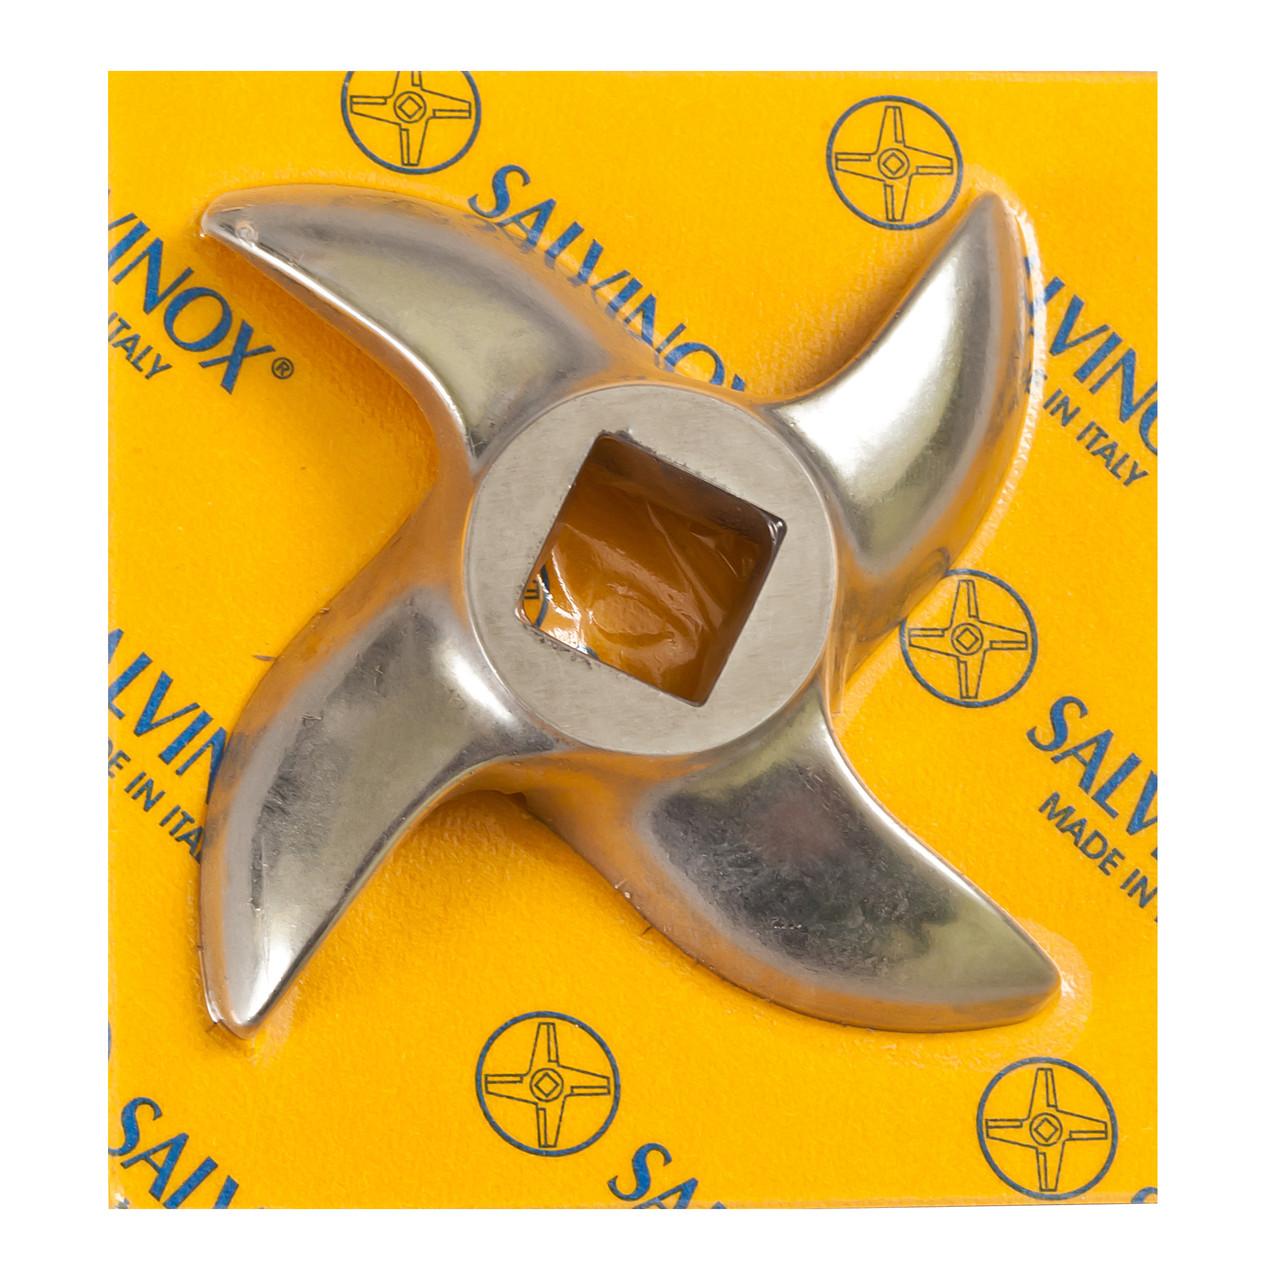 Нож для мясорубки мод.12 (система Enterprise) 100003 Salvinox/Salvador универсальный